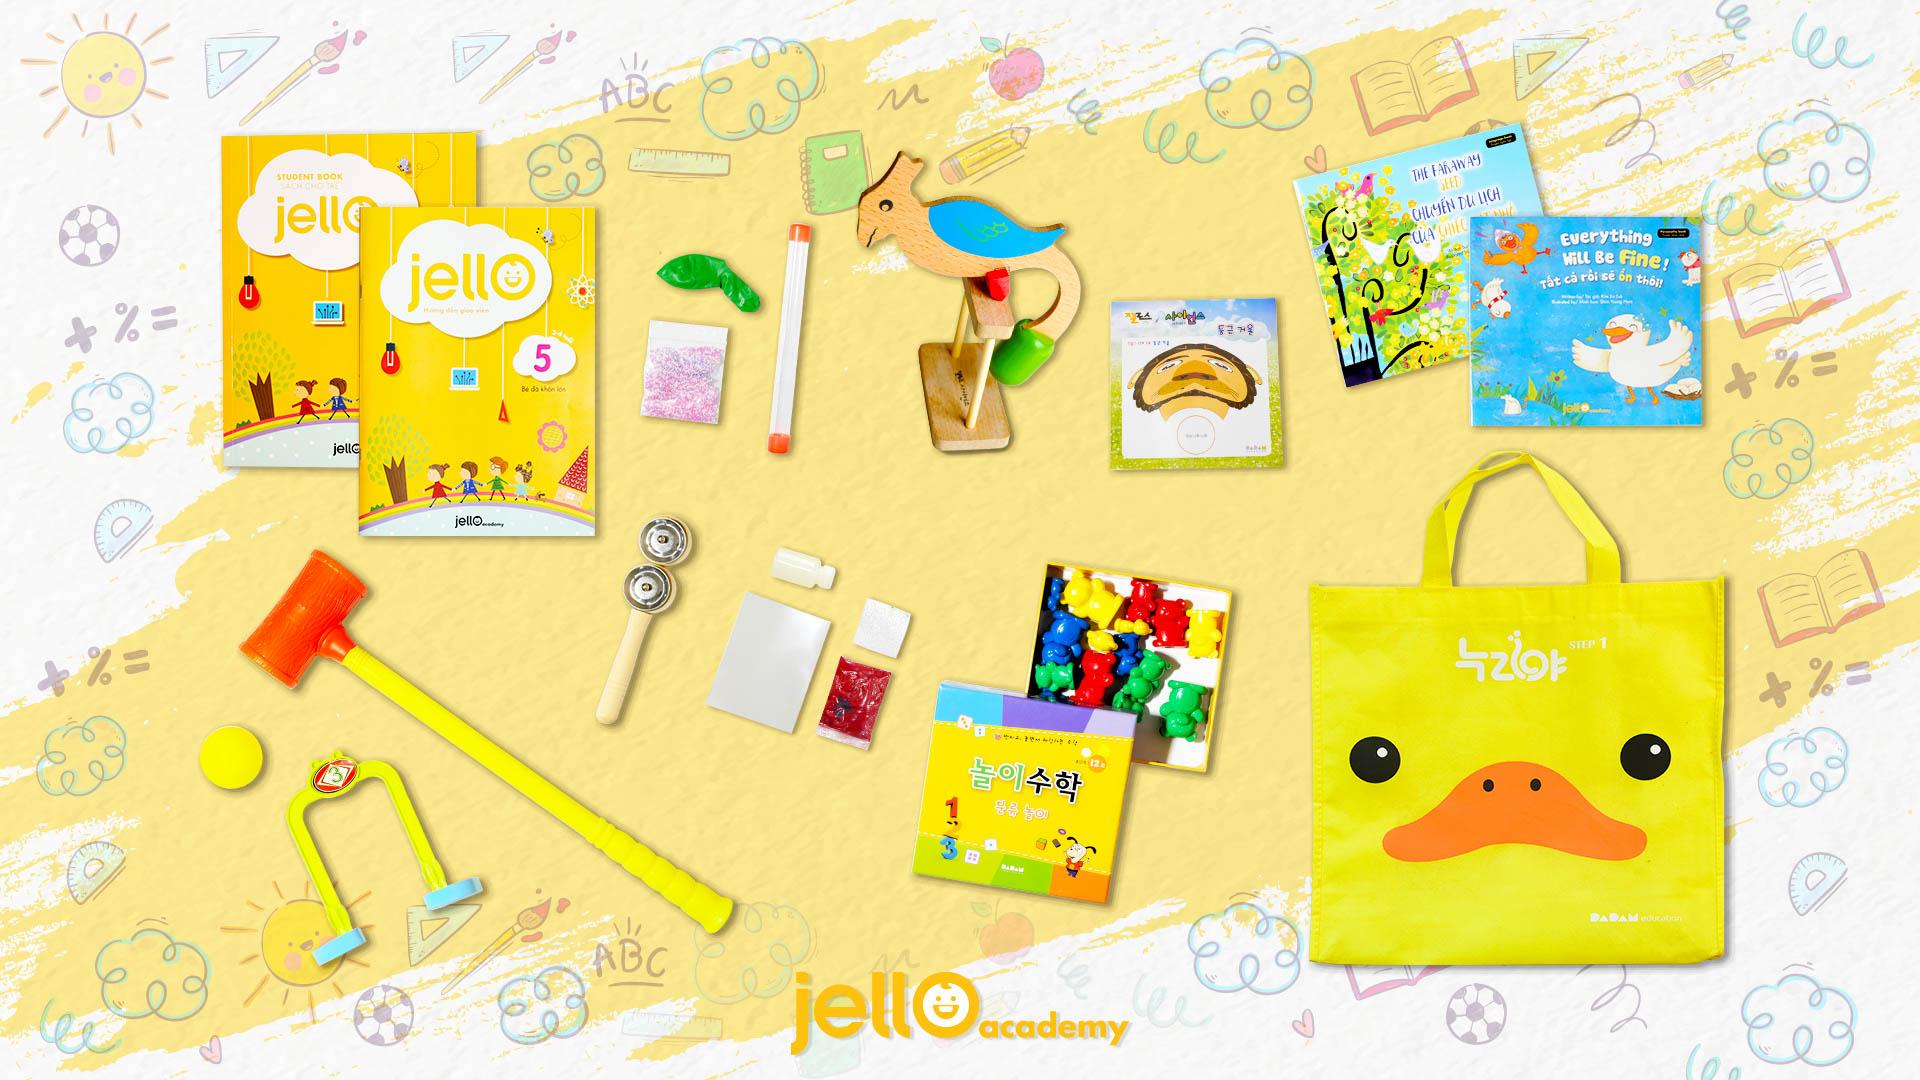 Bộ Học Cụ Jello - 3 Tuổi - Tháng 05